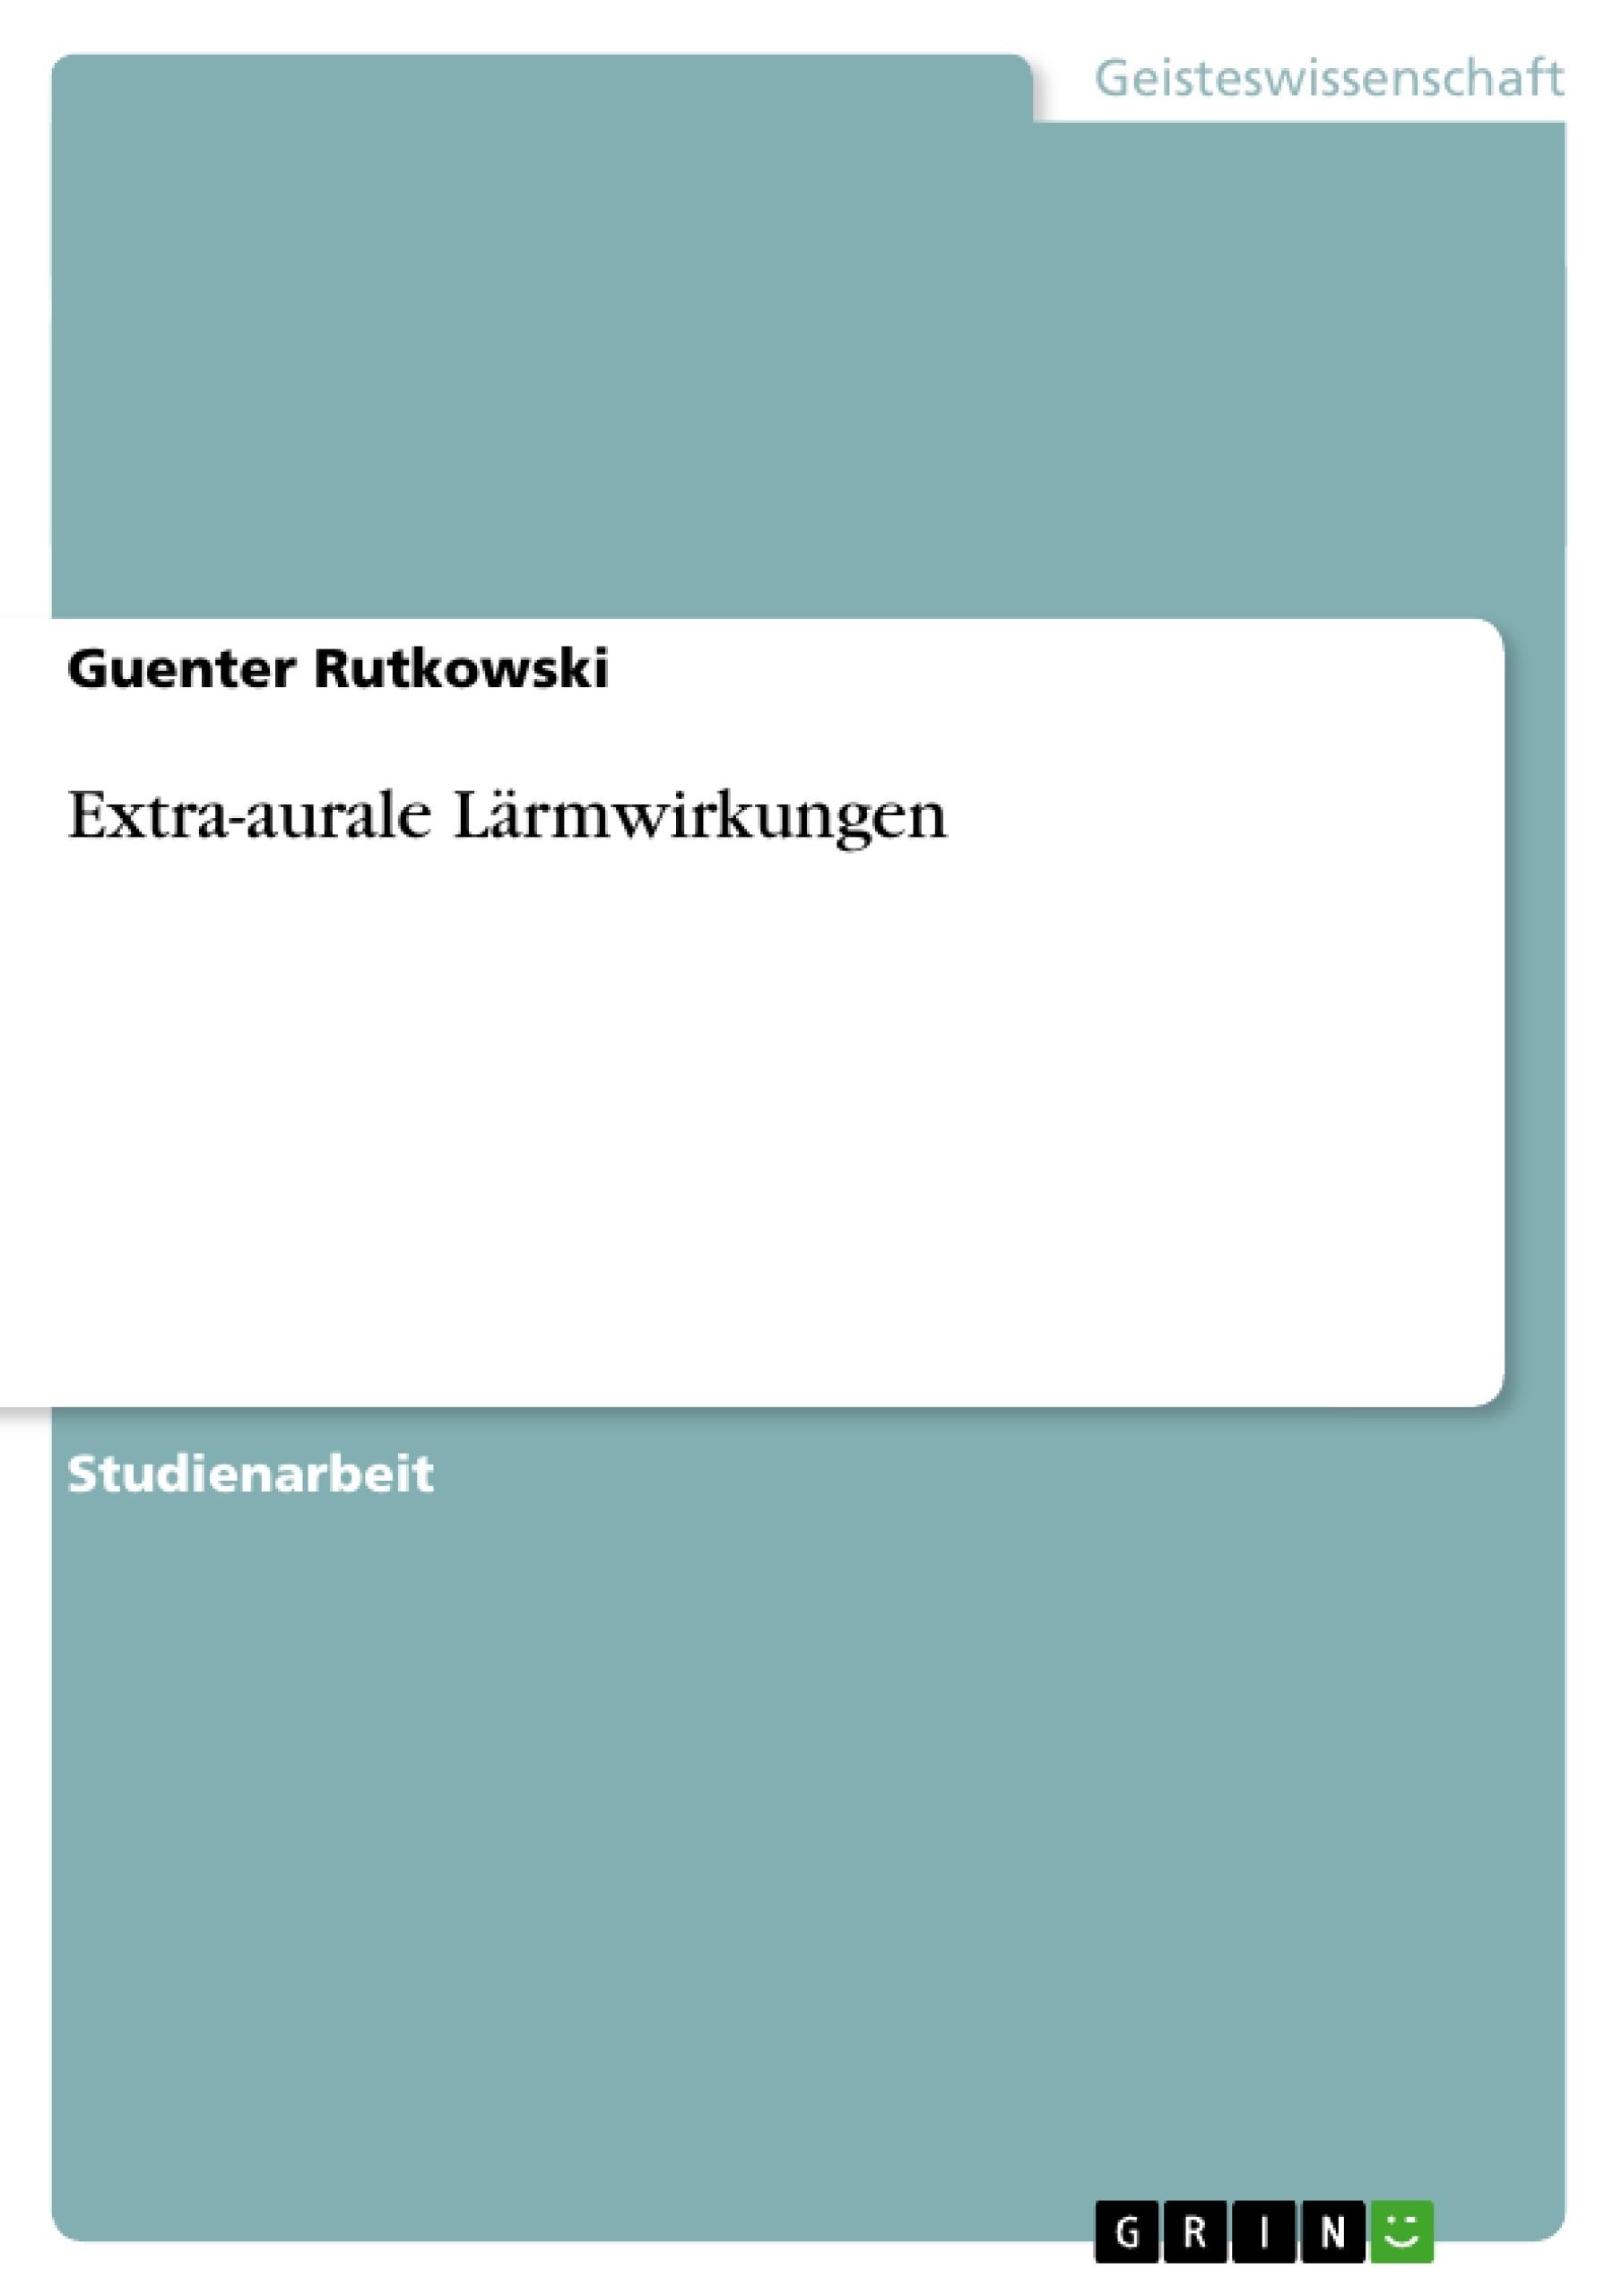 Titel: Extra-aurale Lärmwirkungen